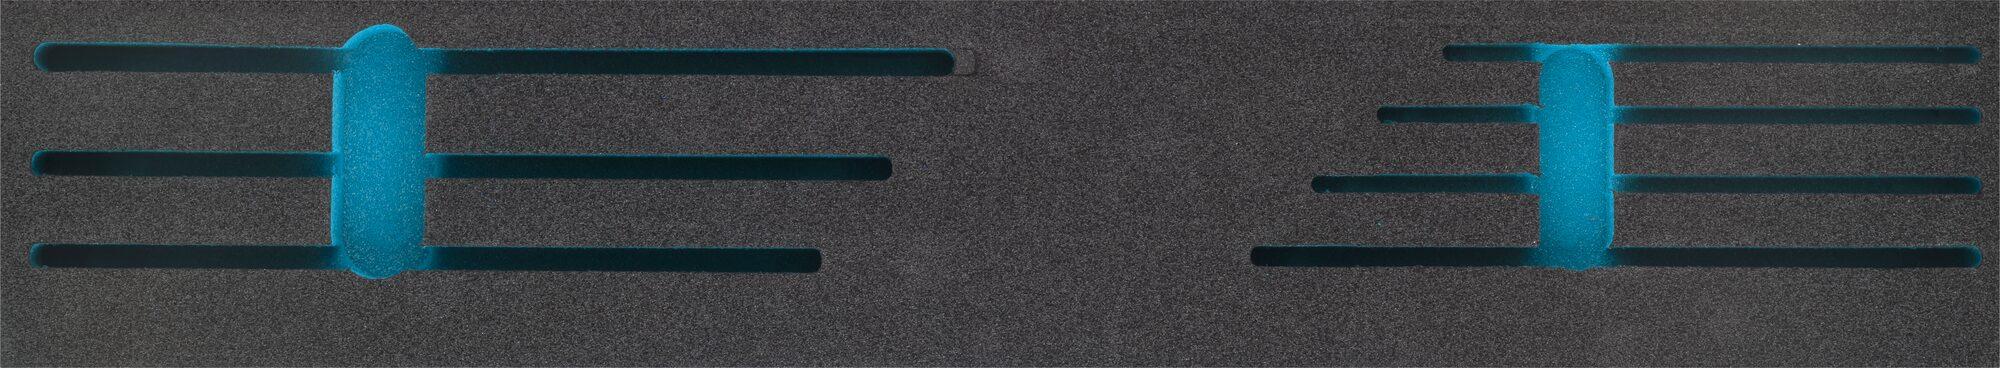 HAZET 2-Komponenten Weichschaum-Einlage 163-458L